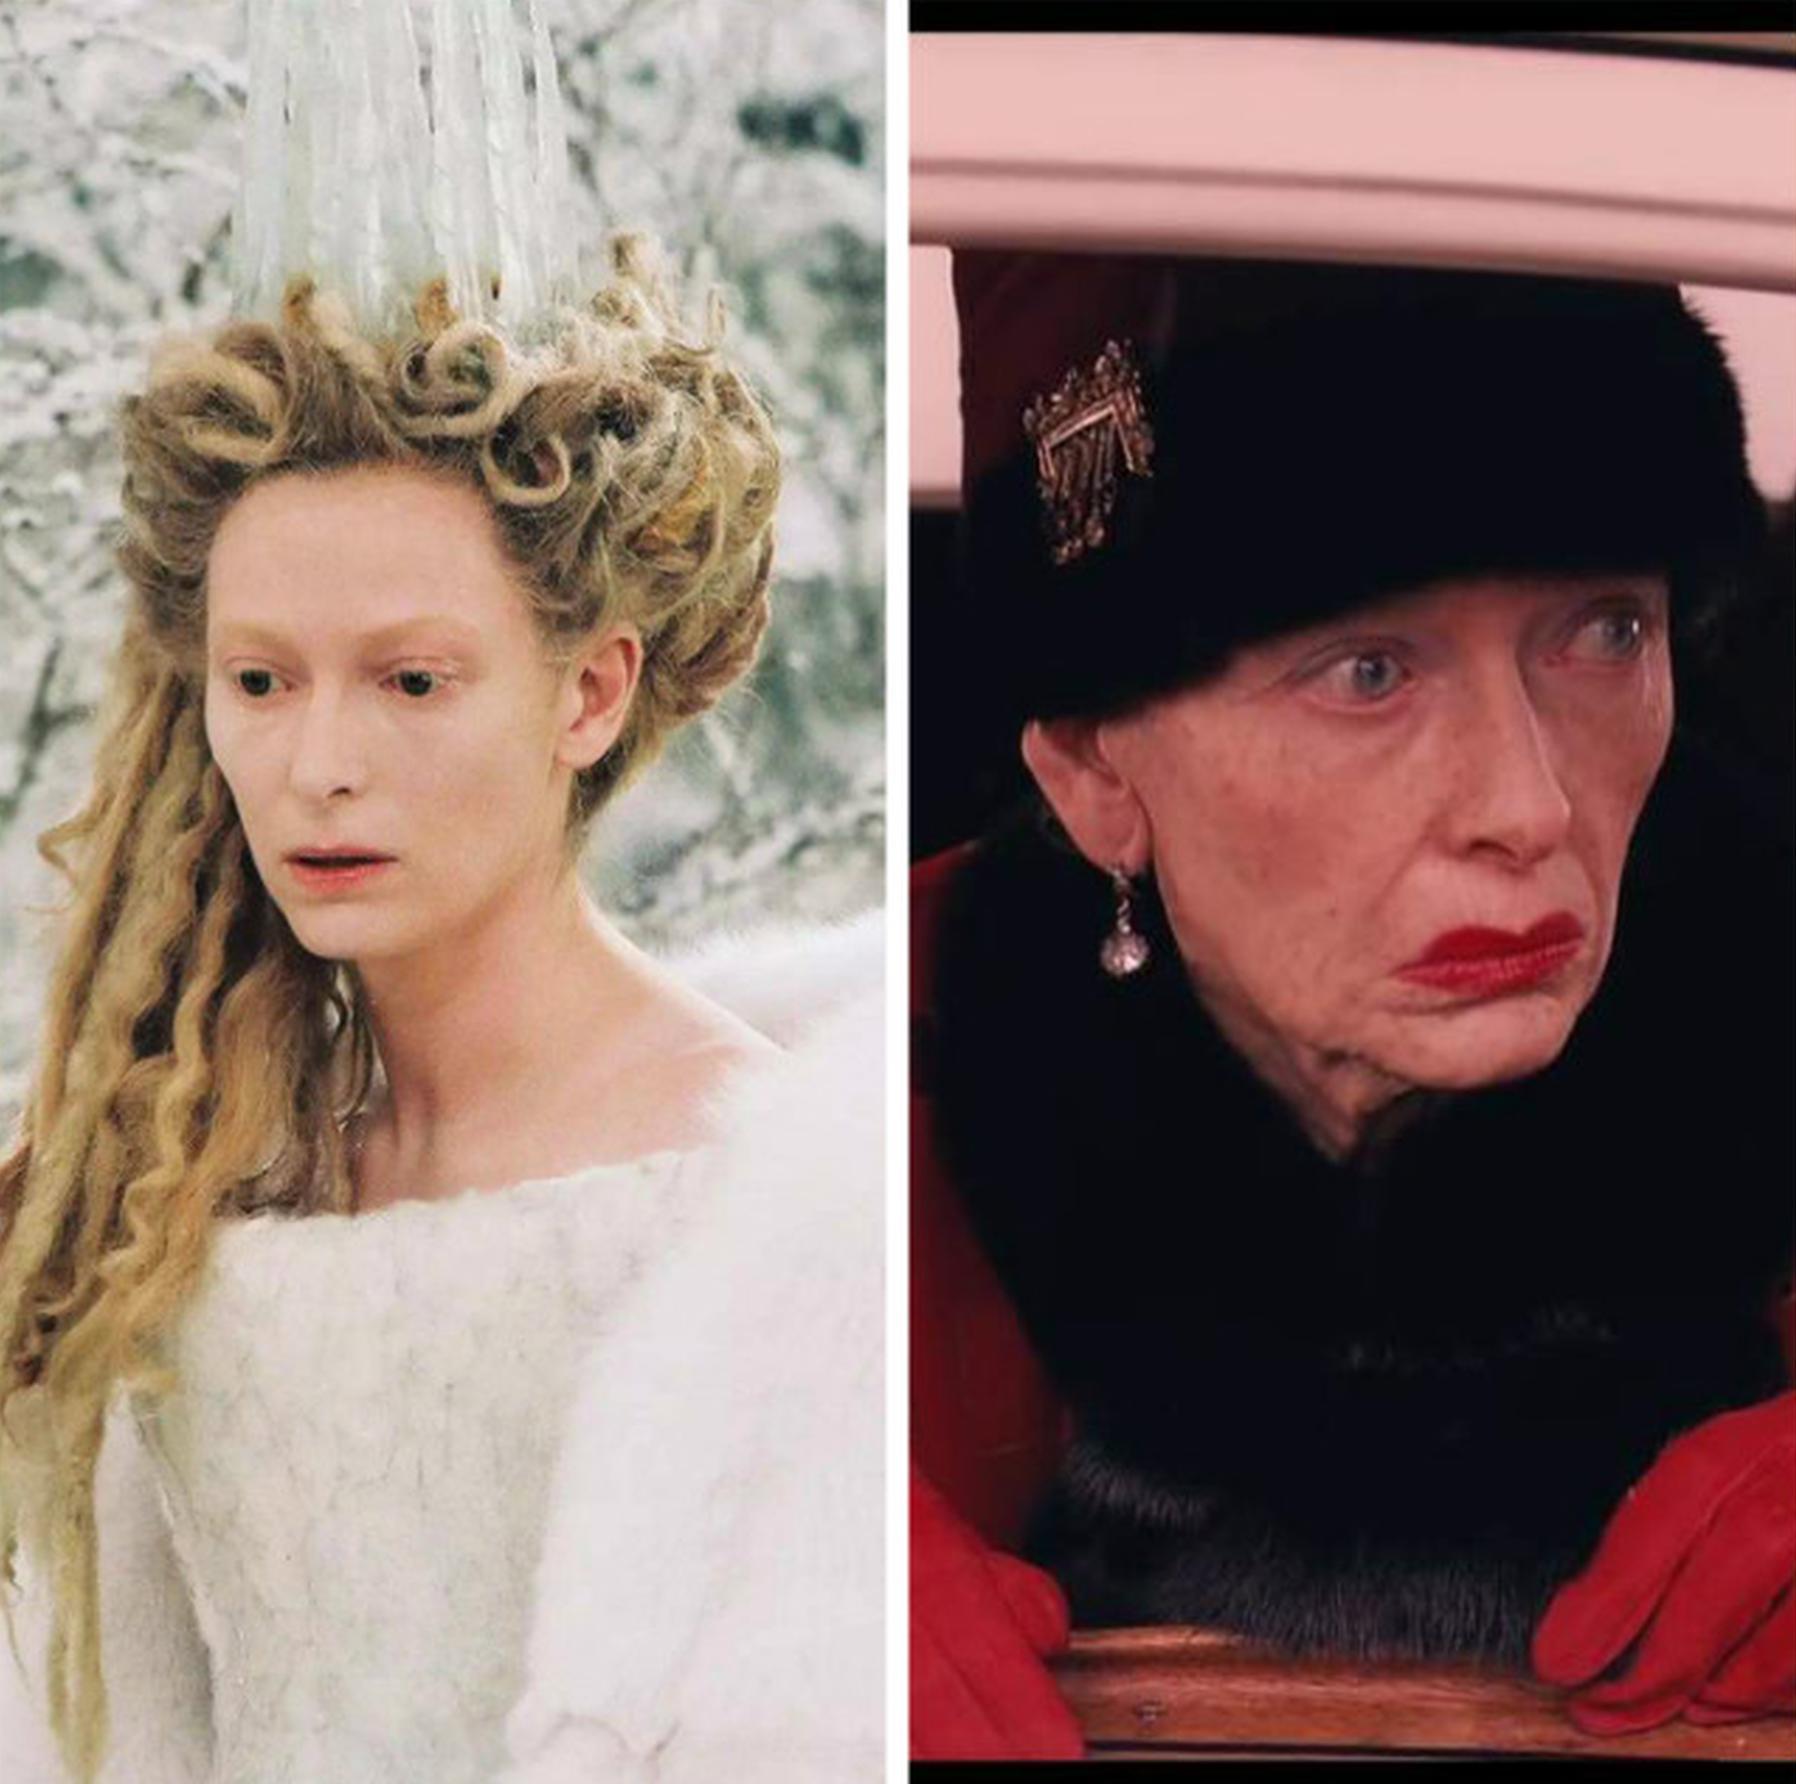 左:蒂爾達飾演《納尼亞傳奇》白女巫 右:蒂爾達飾演《布達佩斯大飯店》老婦人